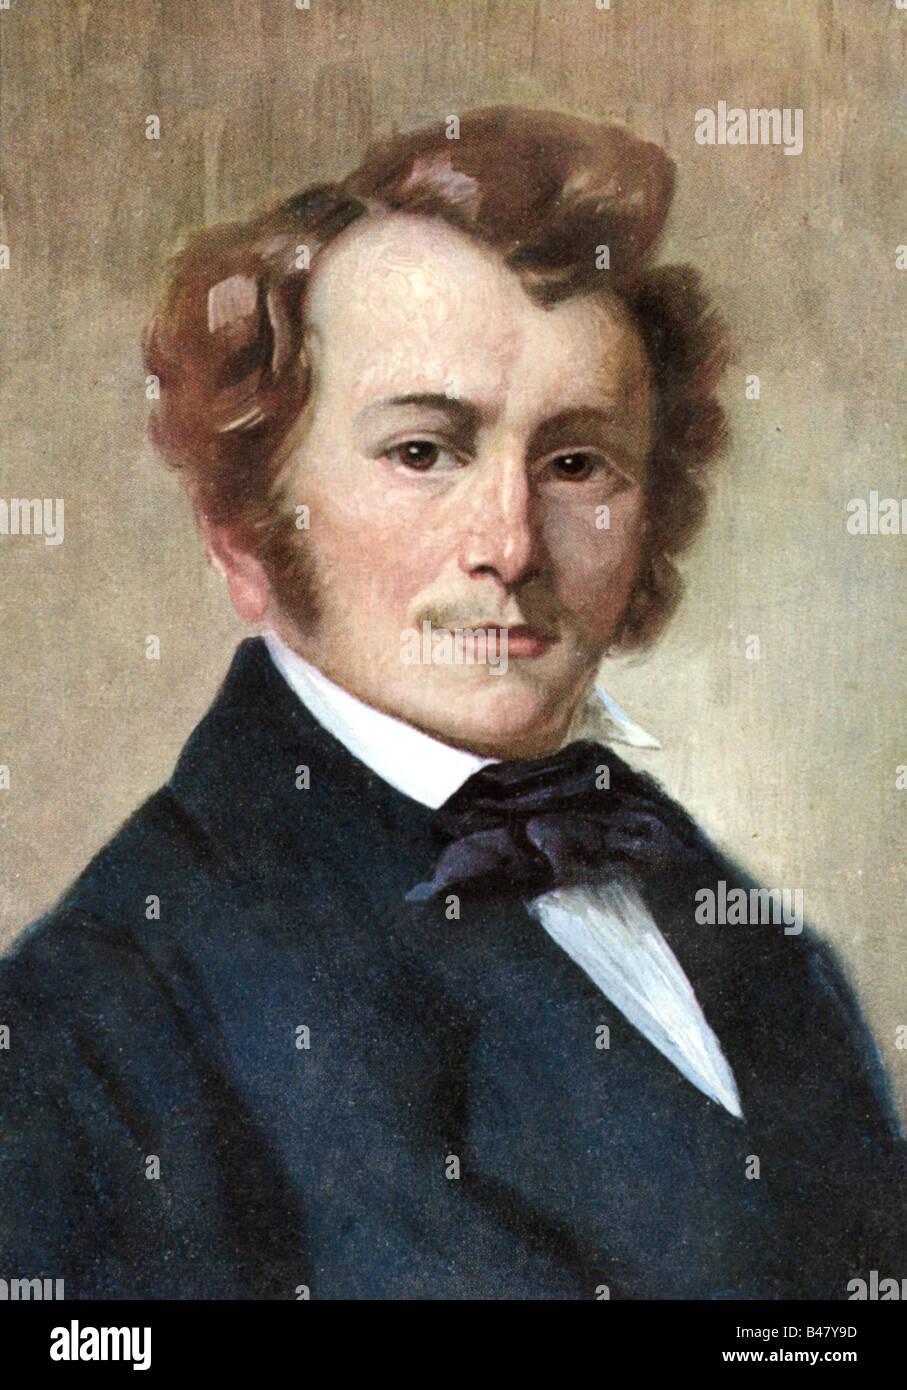 Albert Lortzing,, 23.10.1801 - 21.01.1851, compositeur allemand, portrait, peinture de Robert Einhorn, vers 1910, Photo Stock